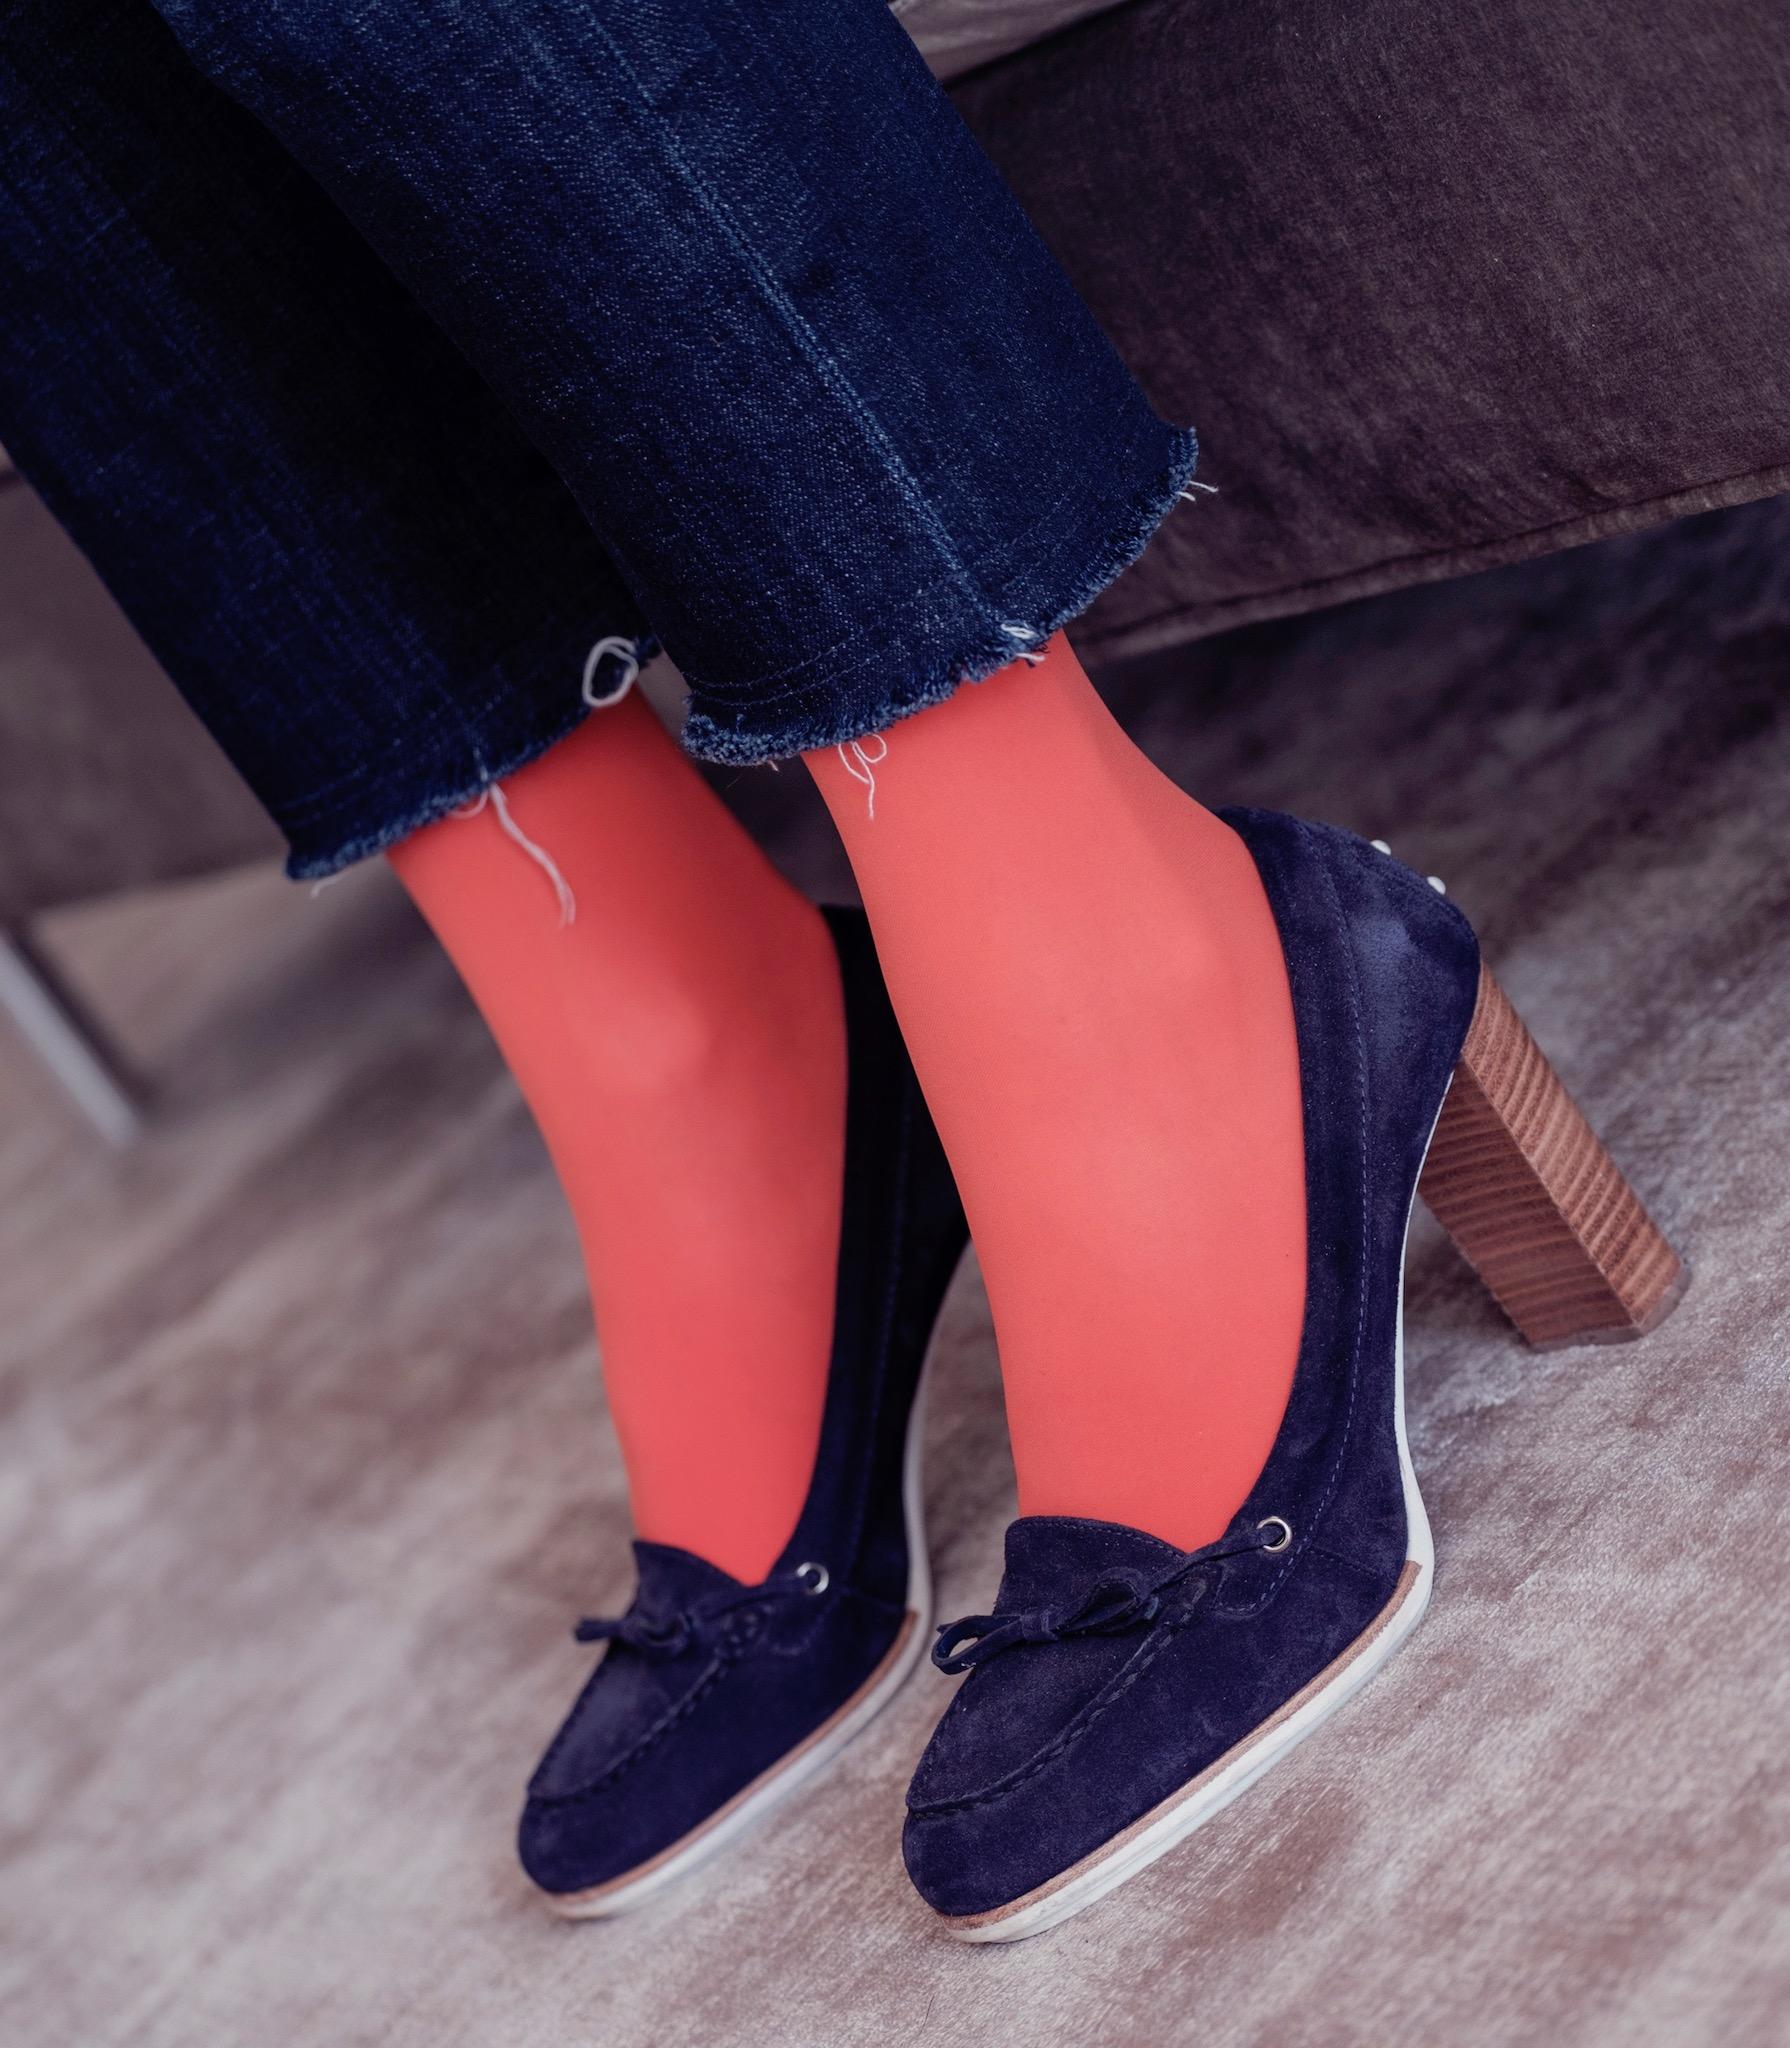 Itemm6 Strümpfe, itemm6 stockings, Strümpfe orange, fashion-blog, Lieblingsstil.com,